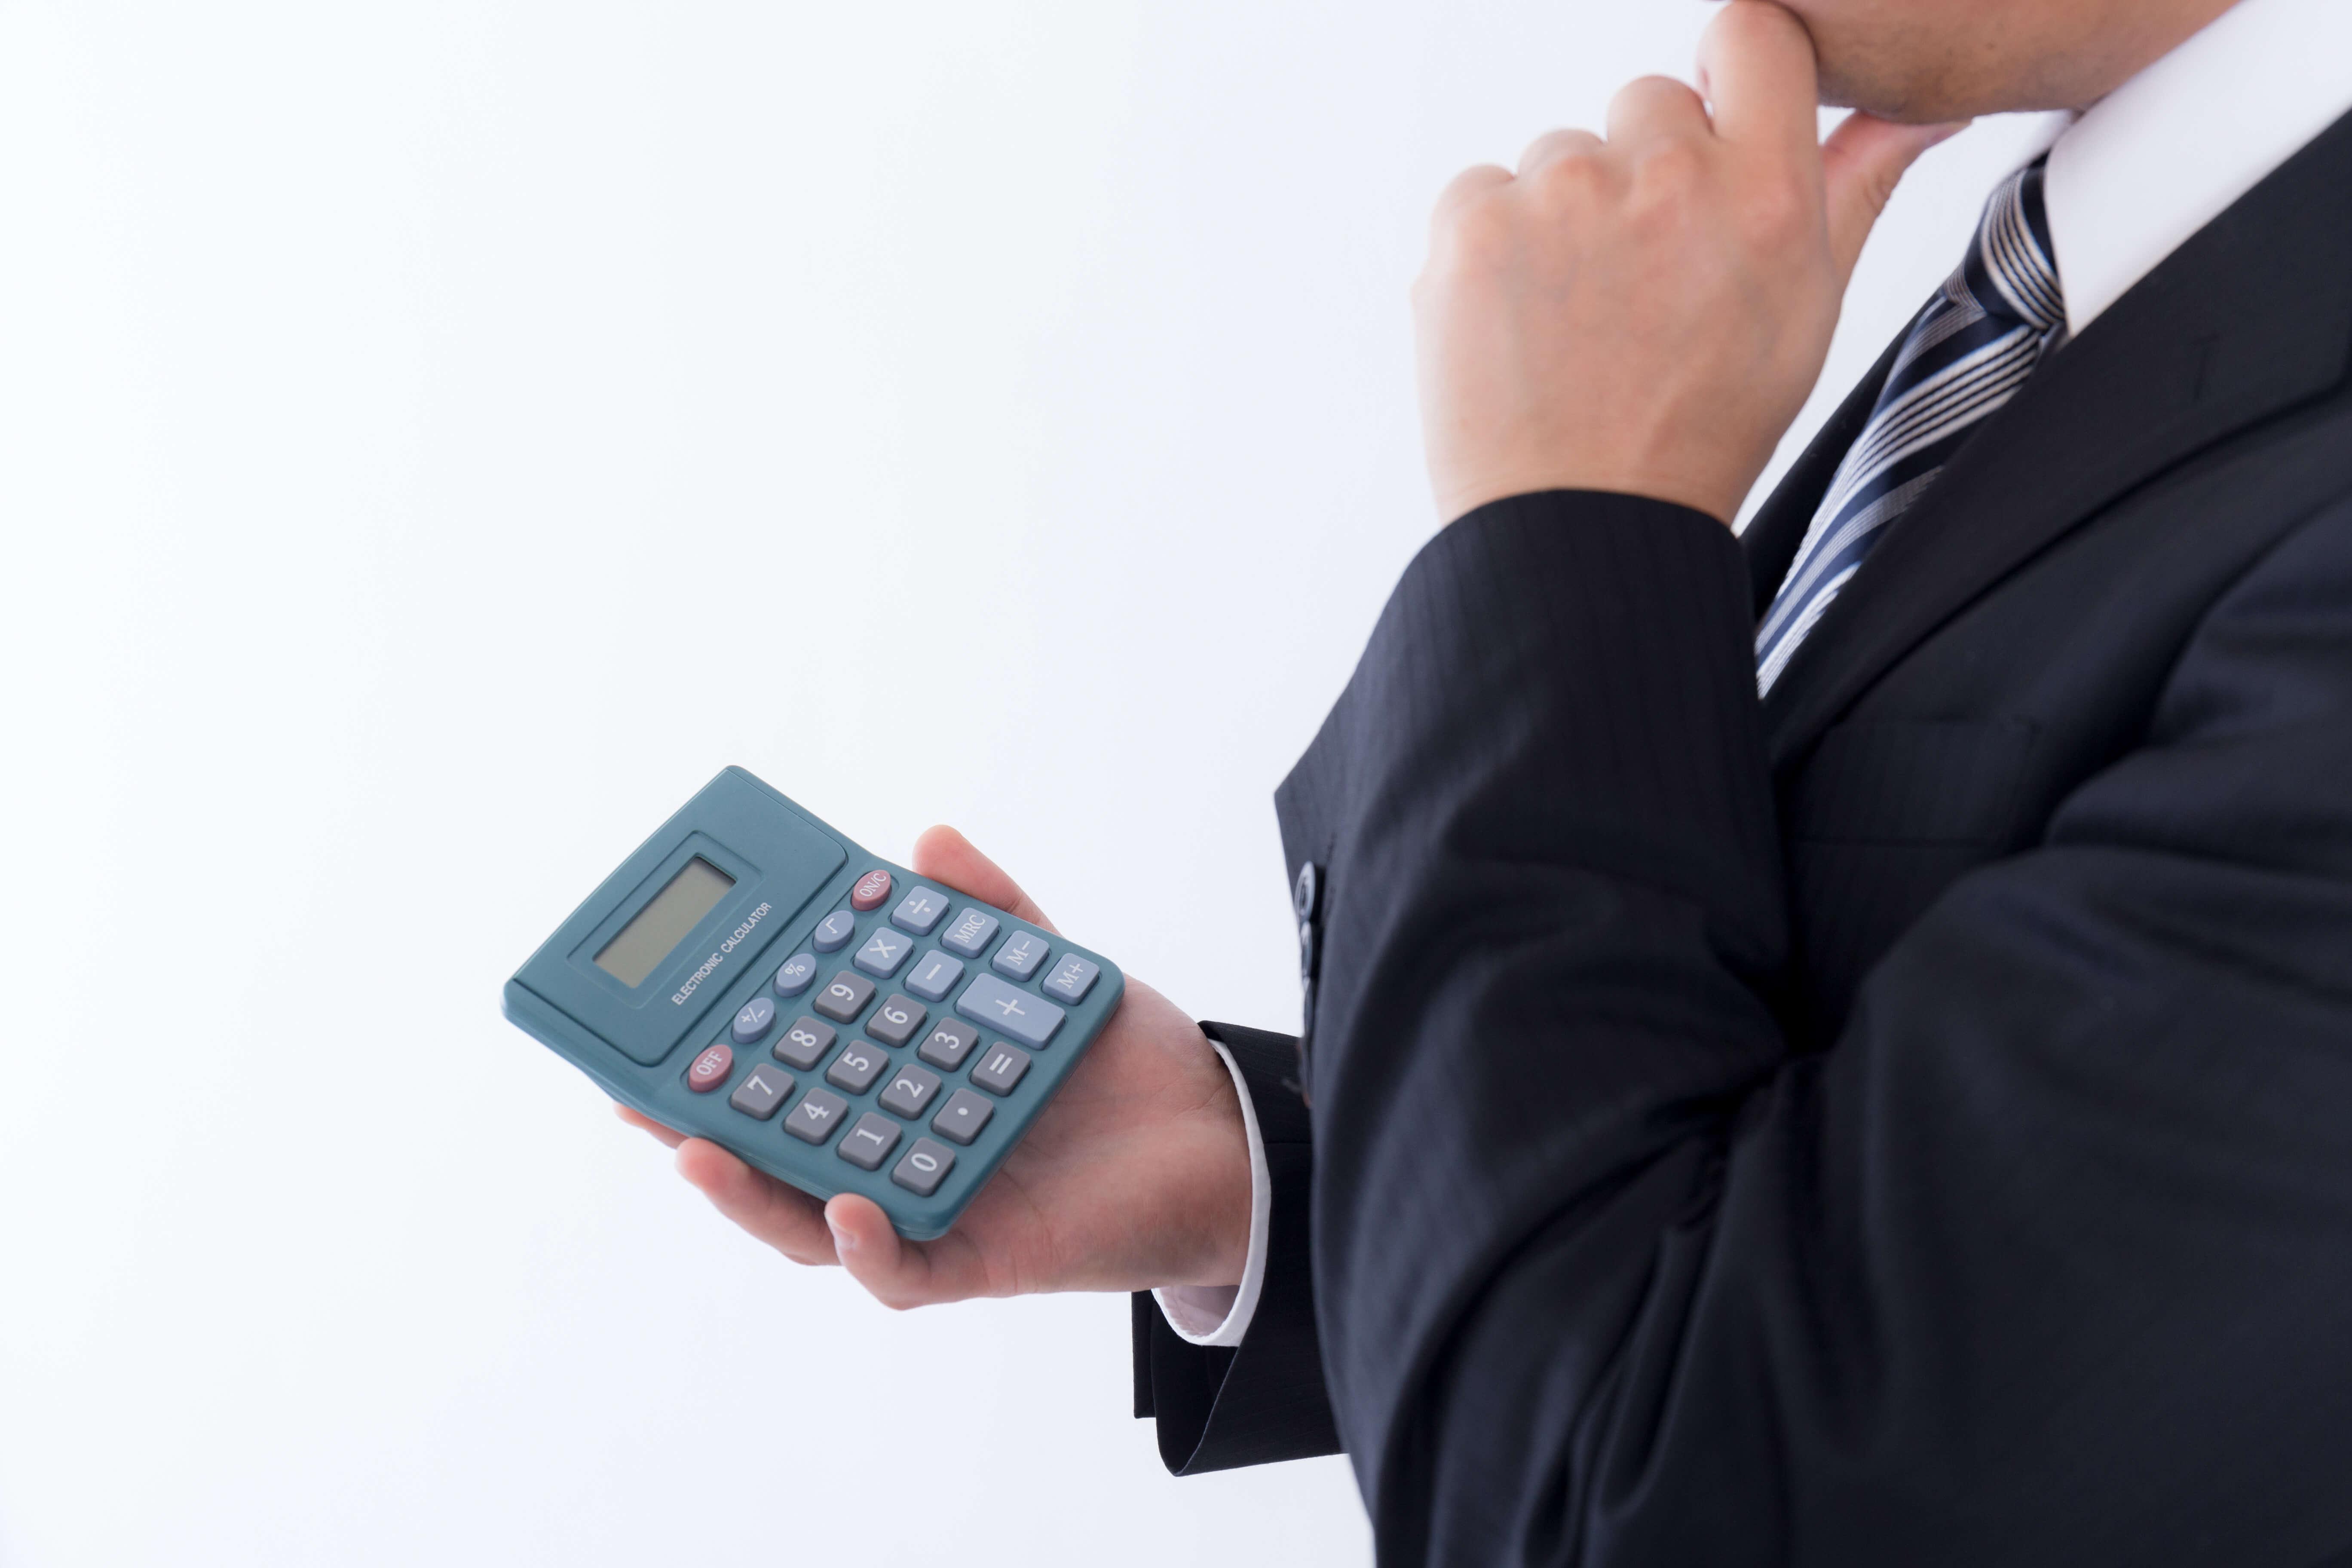 仮想通貨がサラリーマンのお小遣い稼ぎにおすすめの3つの理由